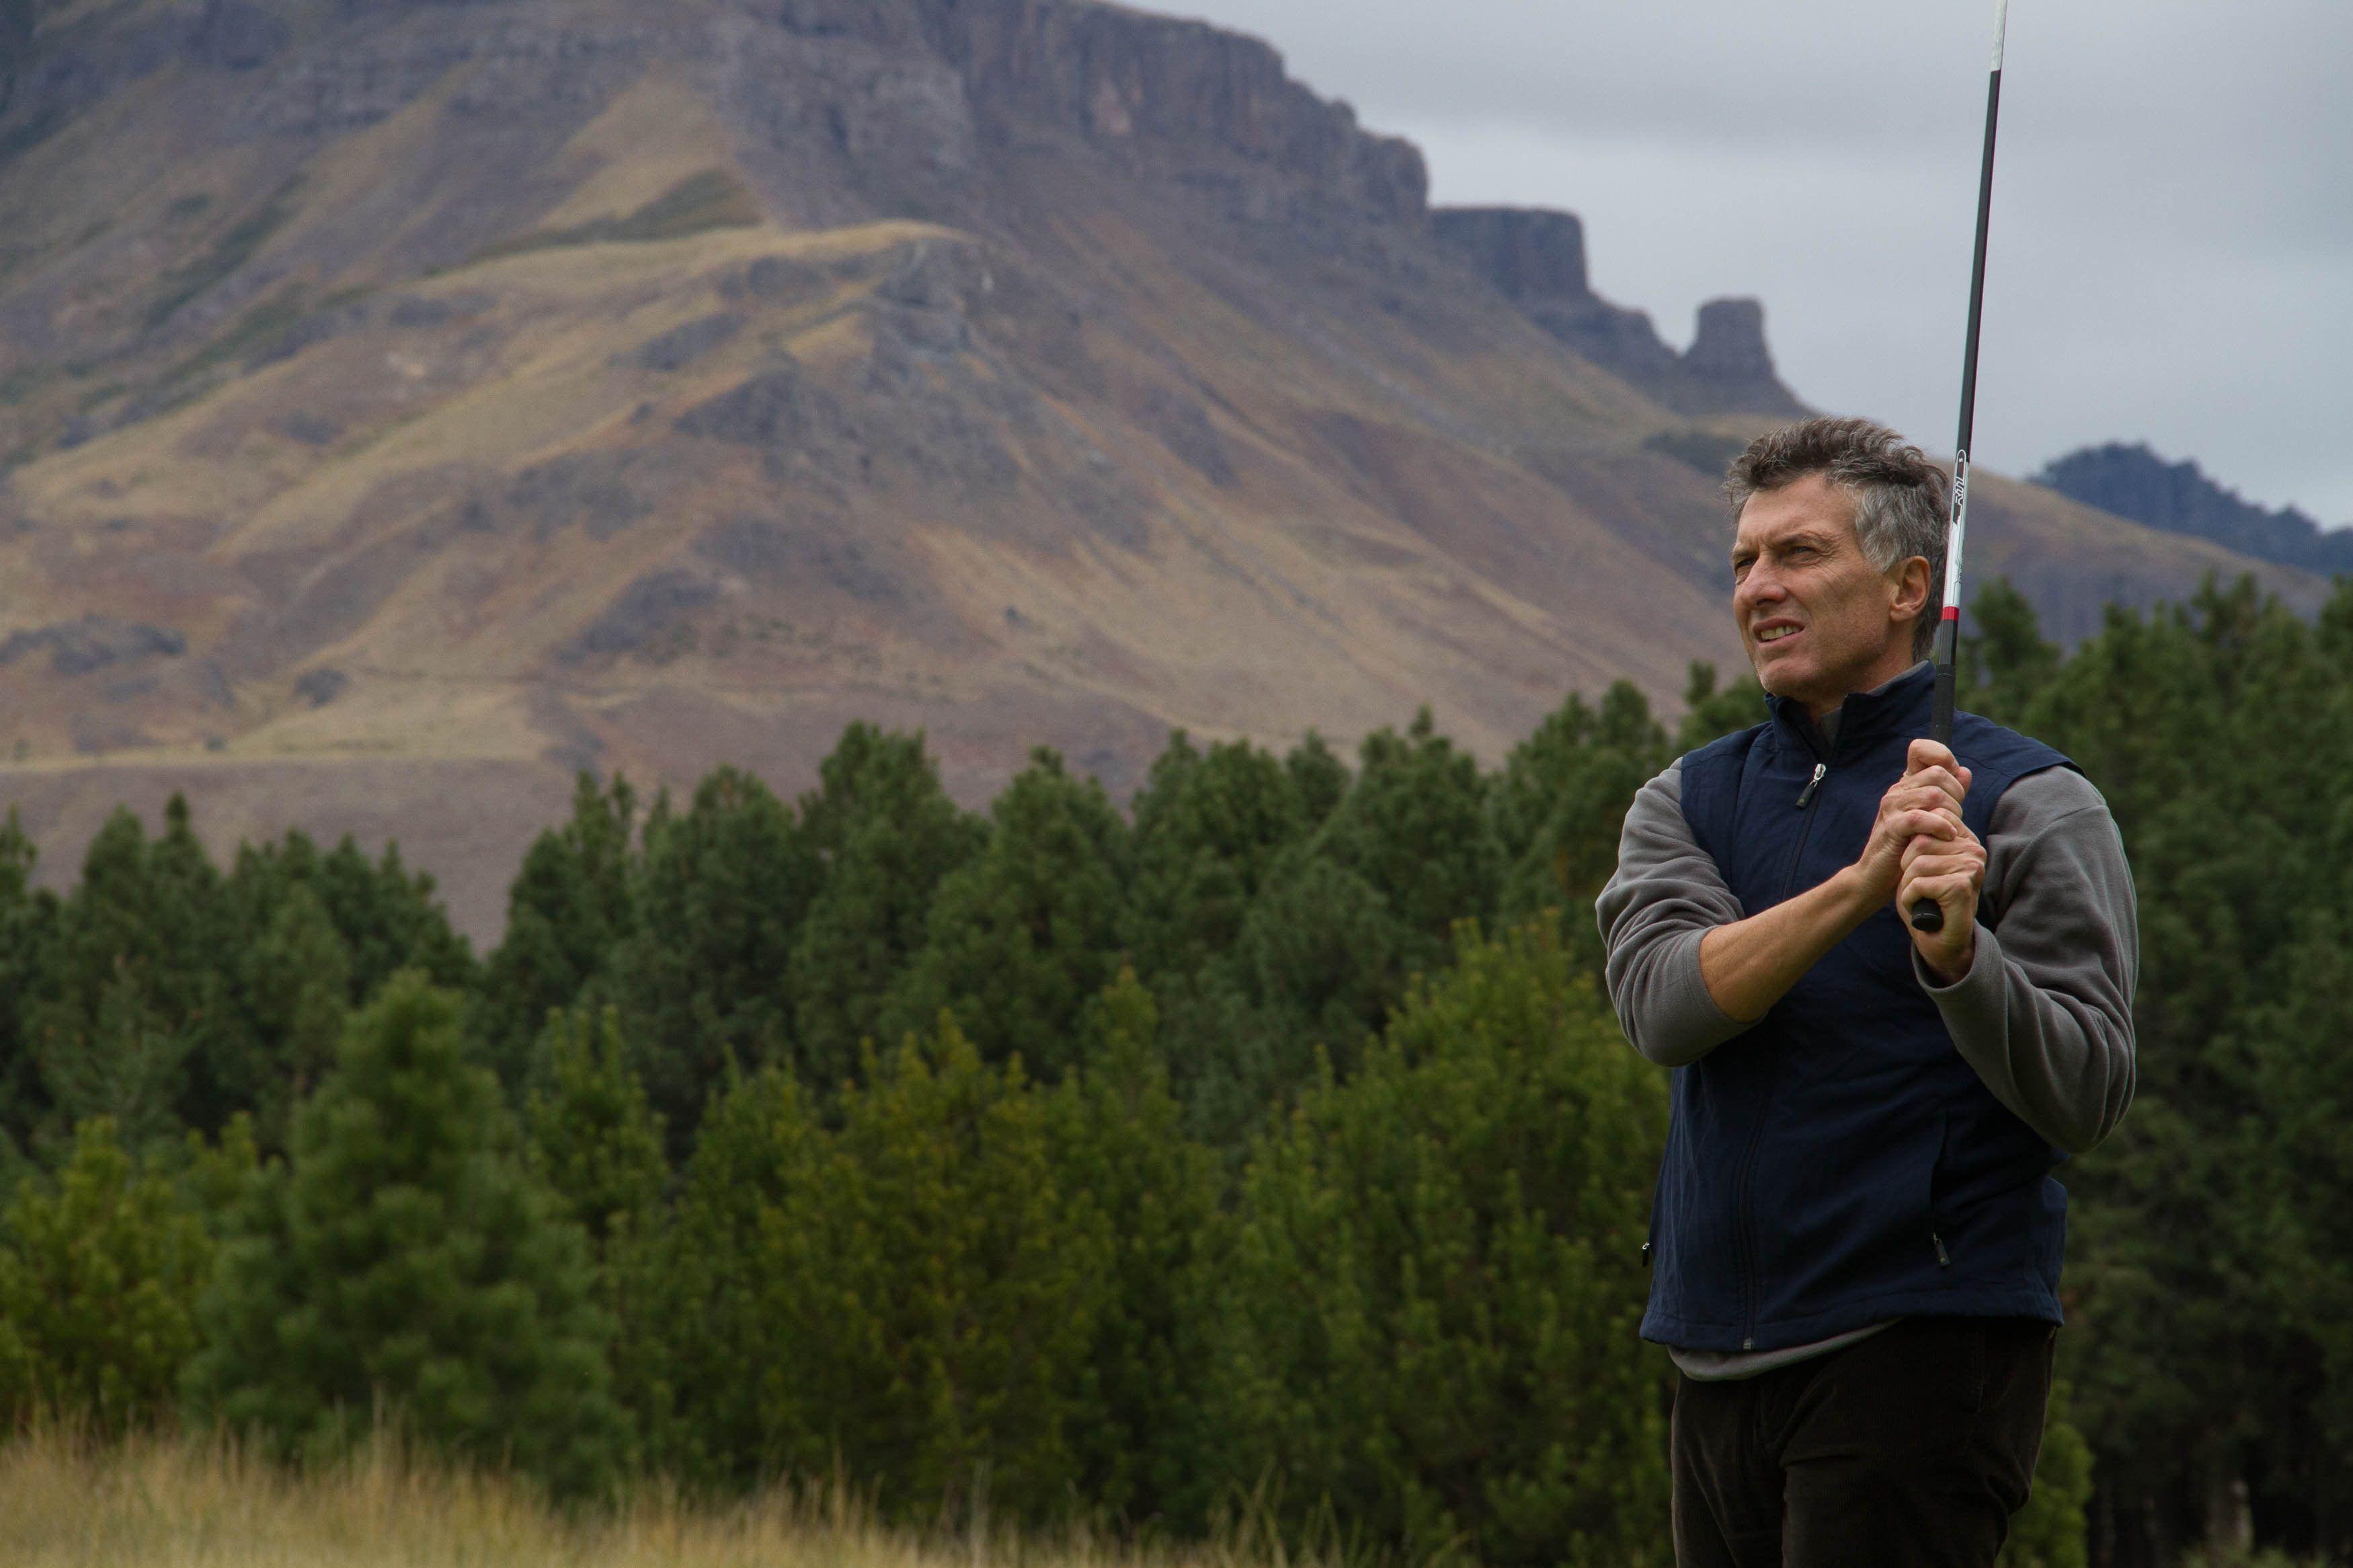 El presidente Mauricio Macri jugando al golf en San Martín de Los Andes